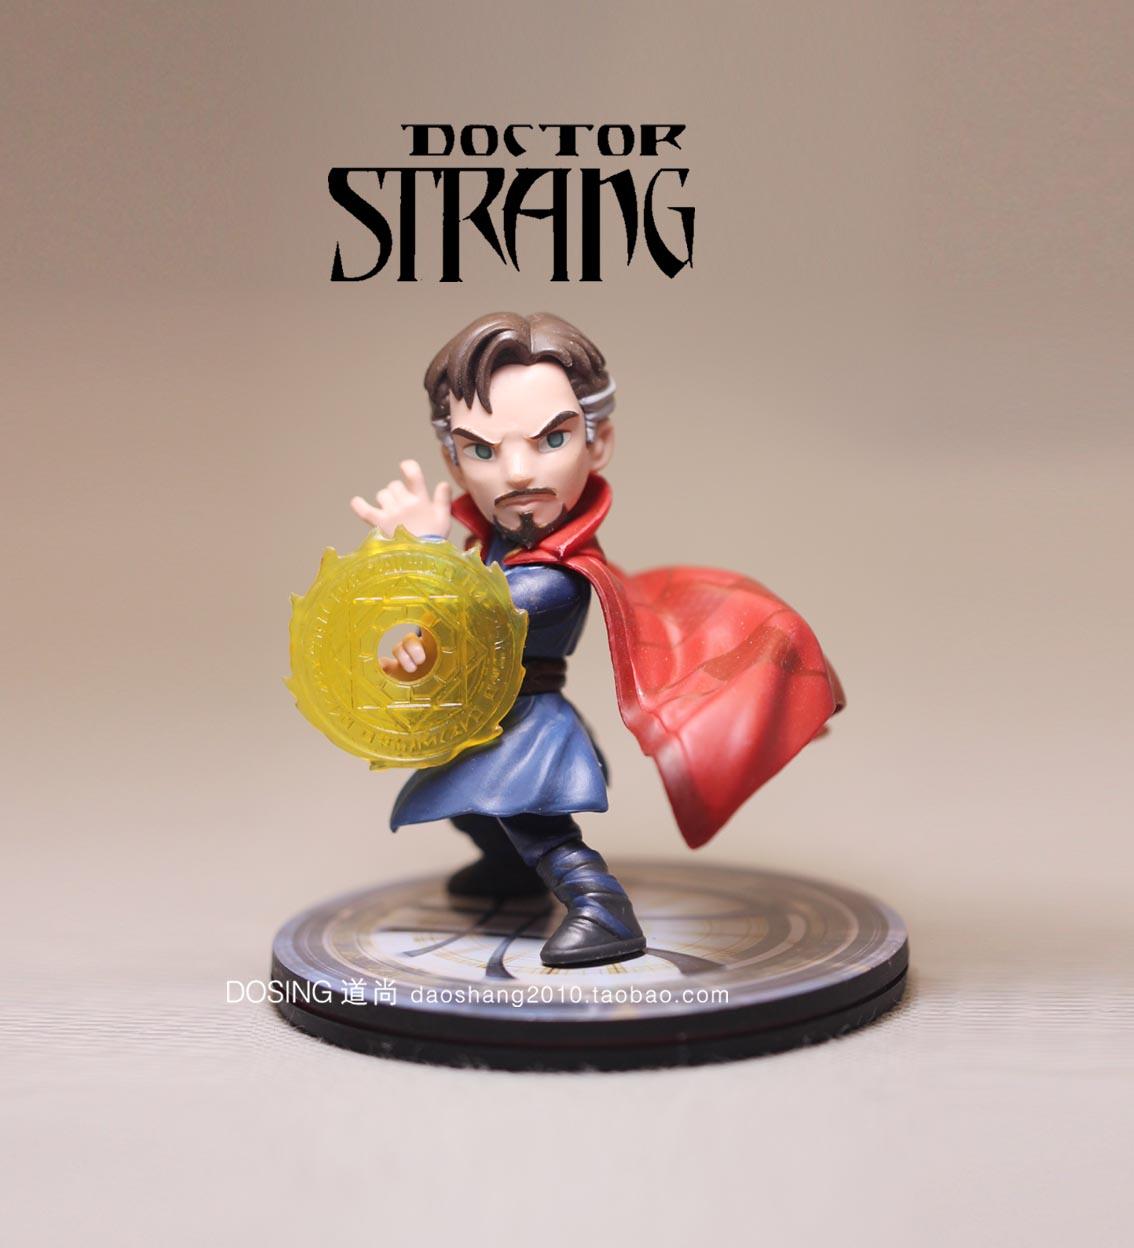 Brand New Toys : Brand new yj action figure model toys doctor strange cm